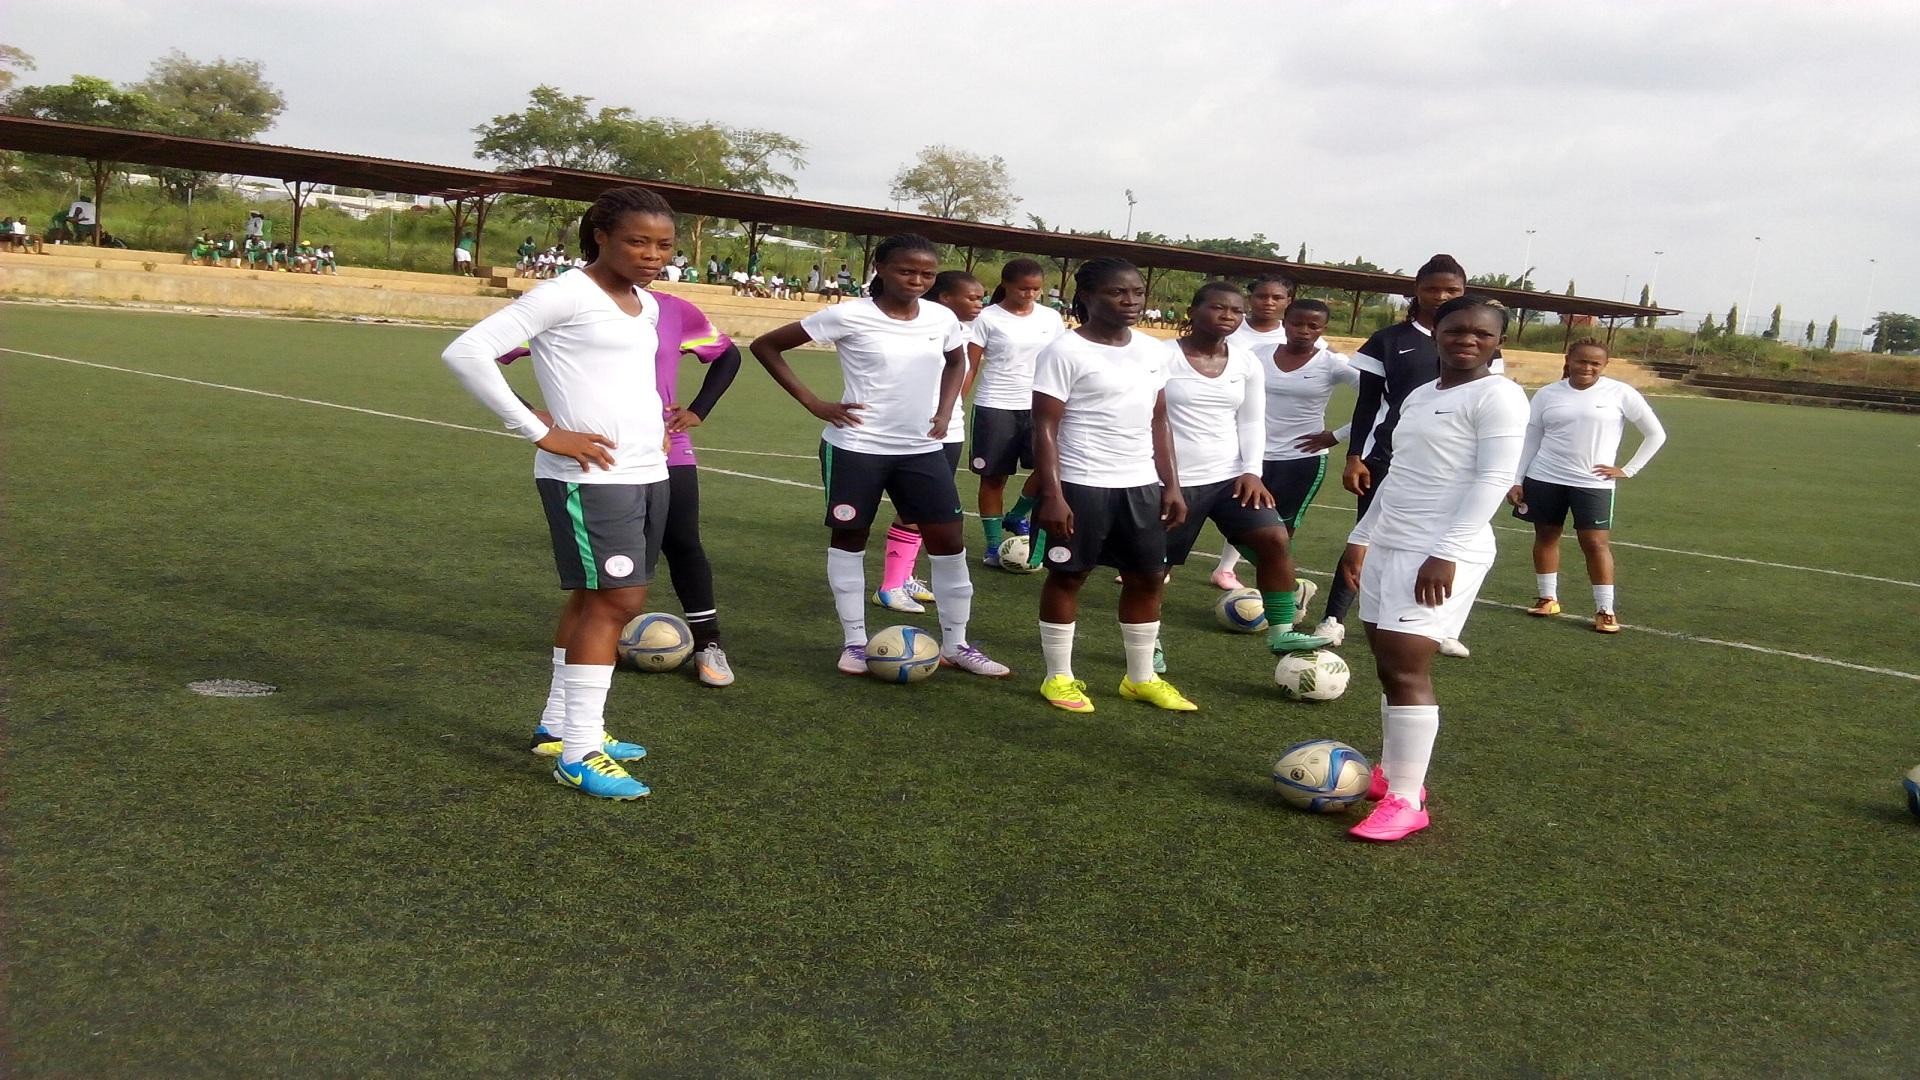 France U-20 (W) - Ghana U-20 (W)